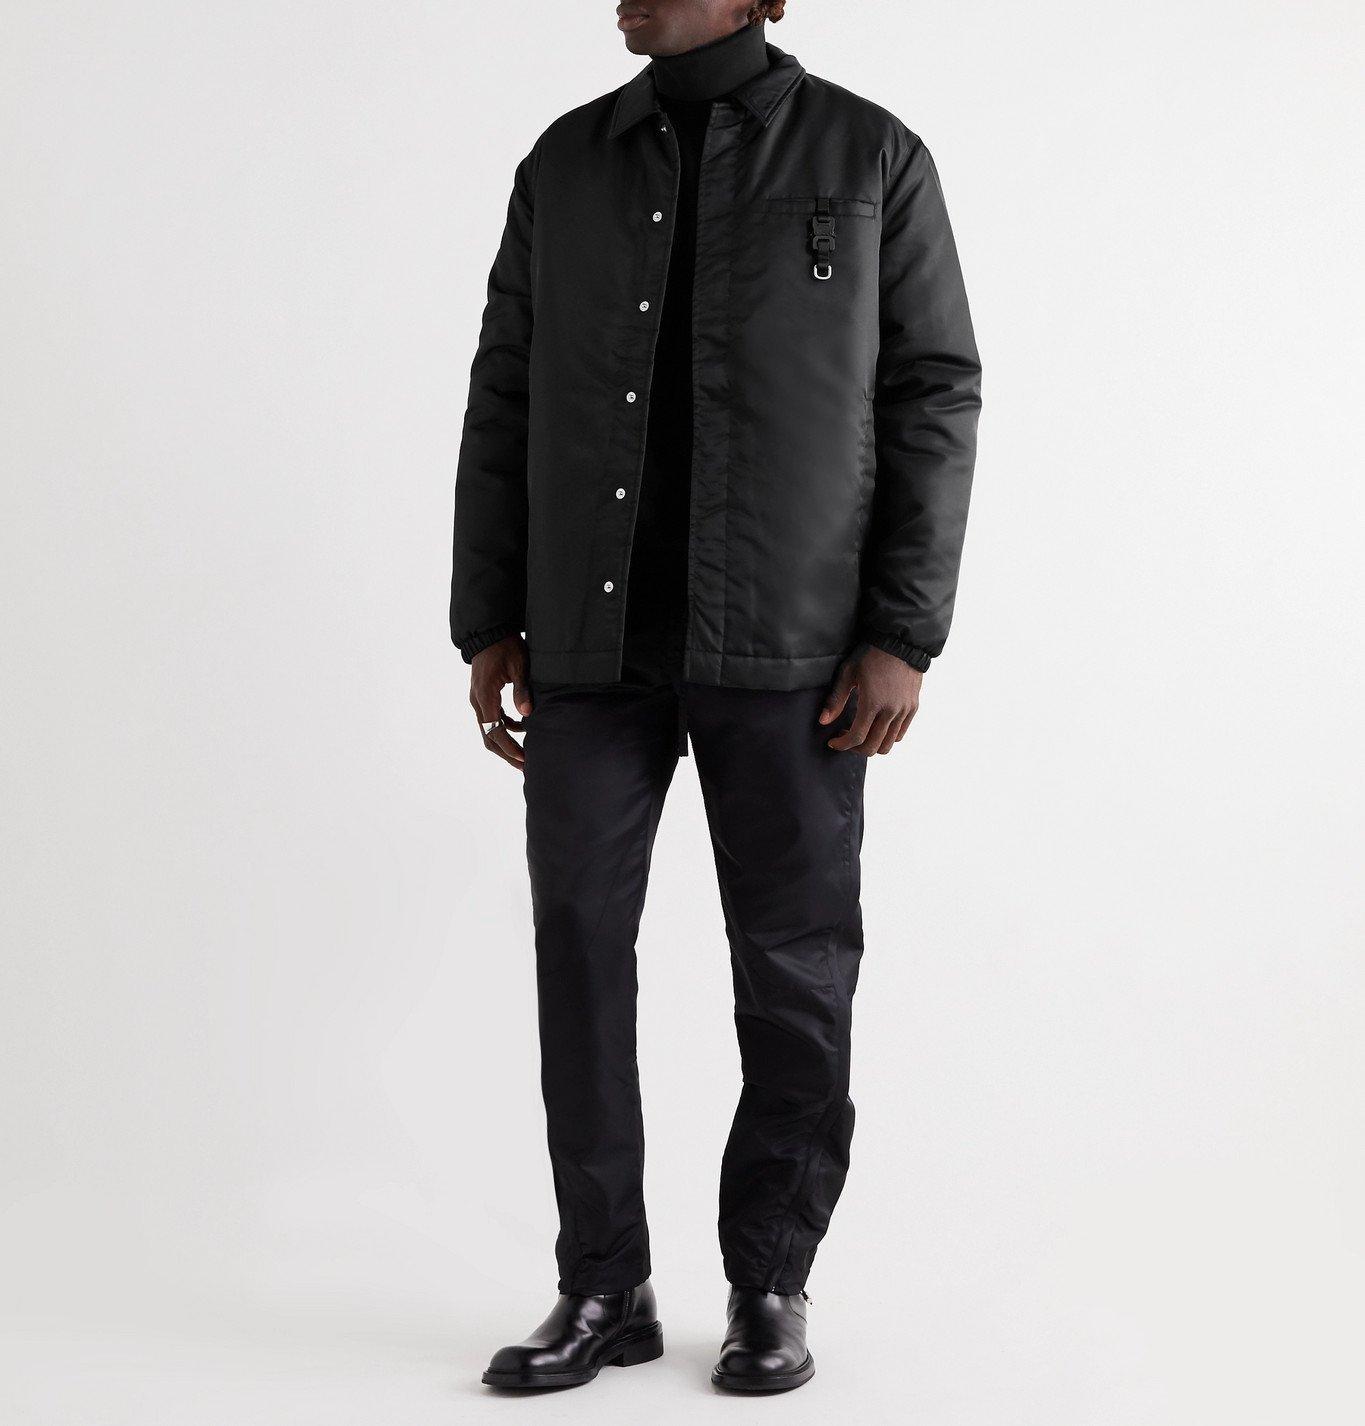 1017 ALYX 9SM - Buckle-Detailed Nylon Jacket - Black